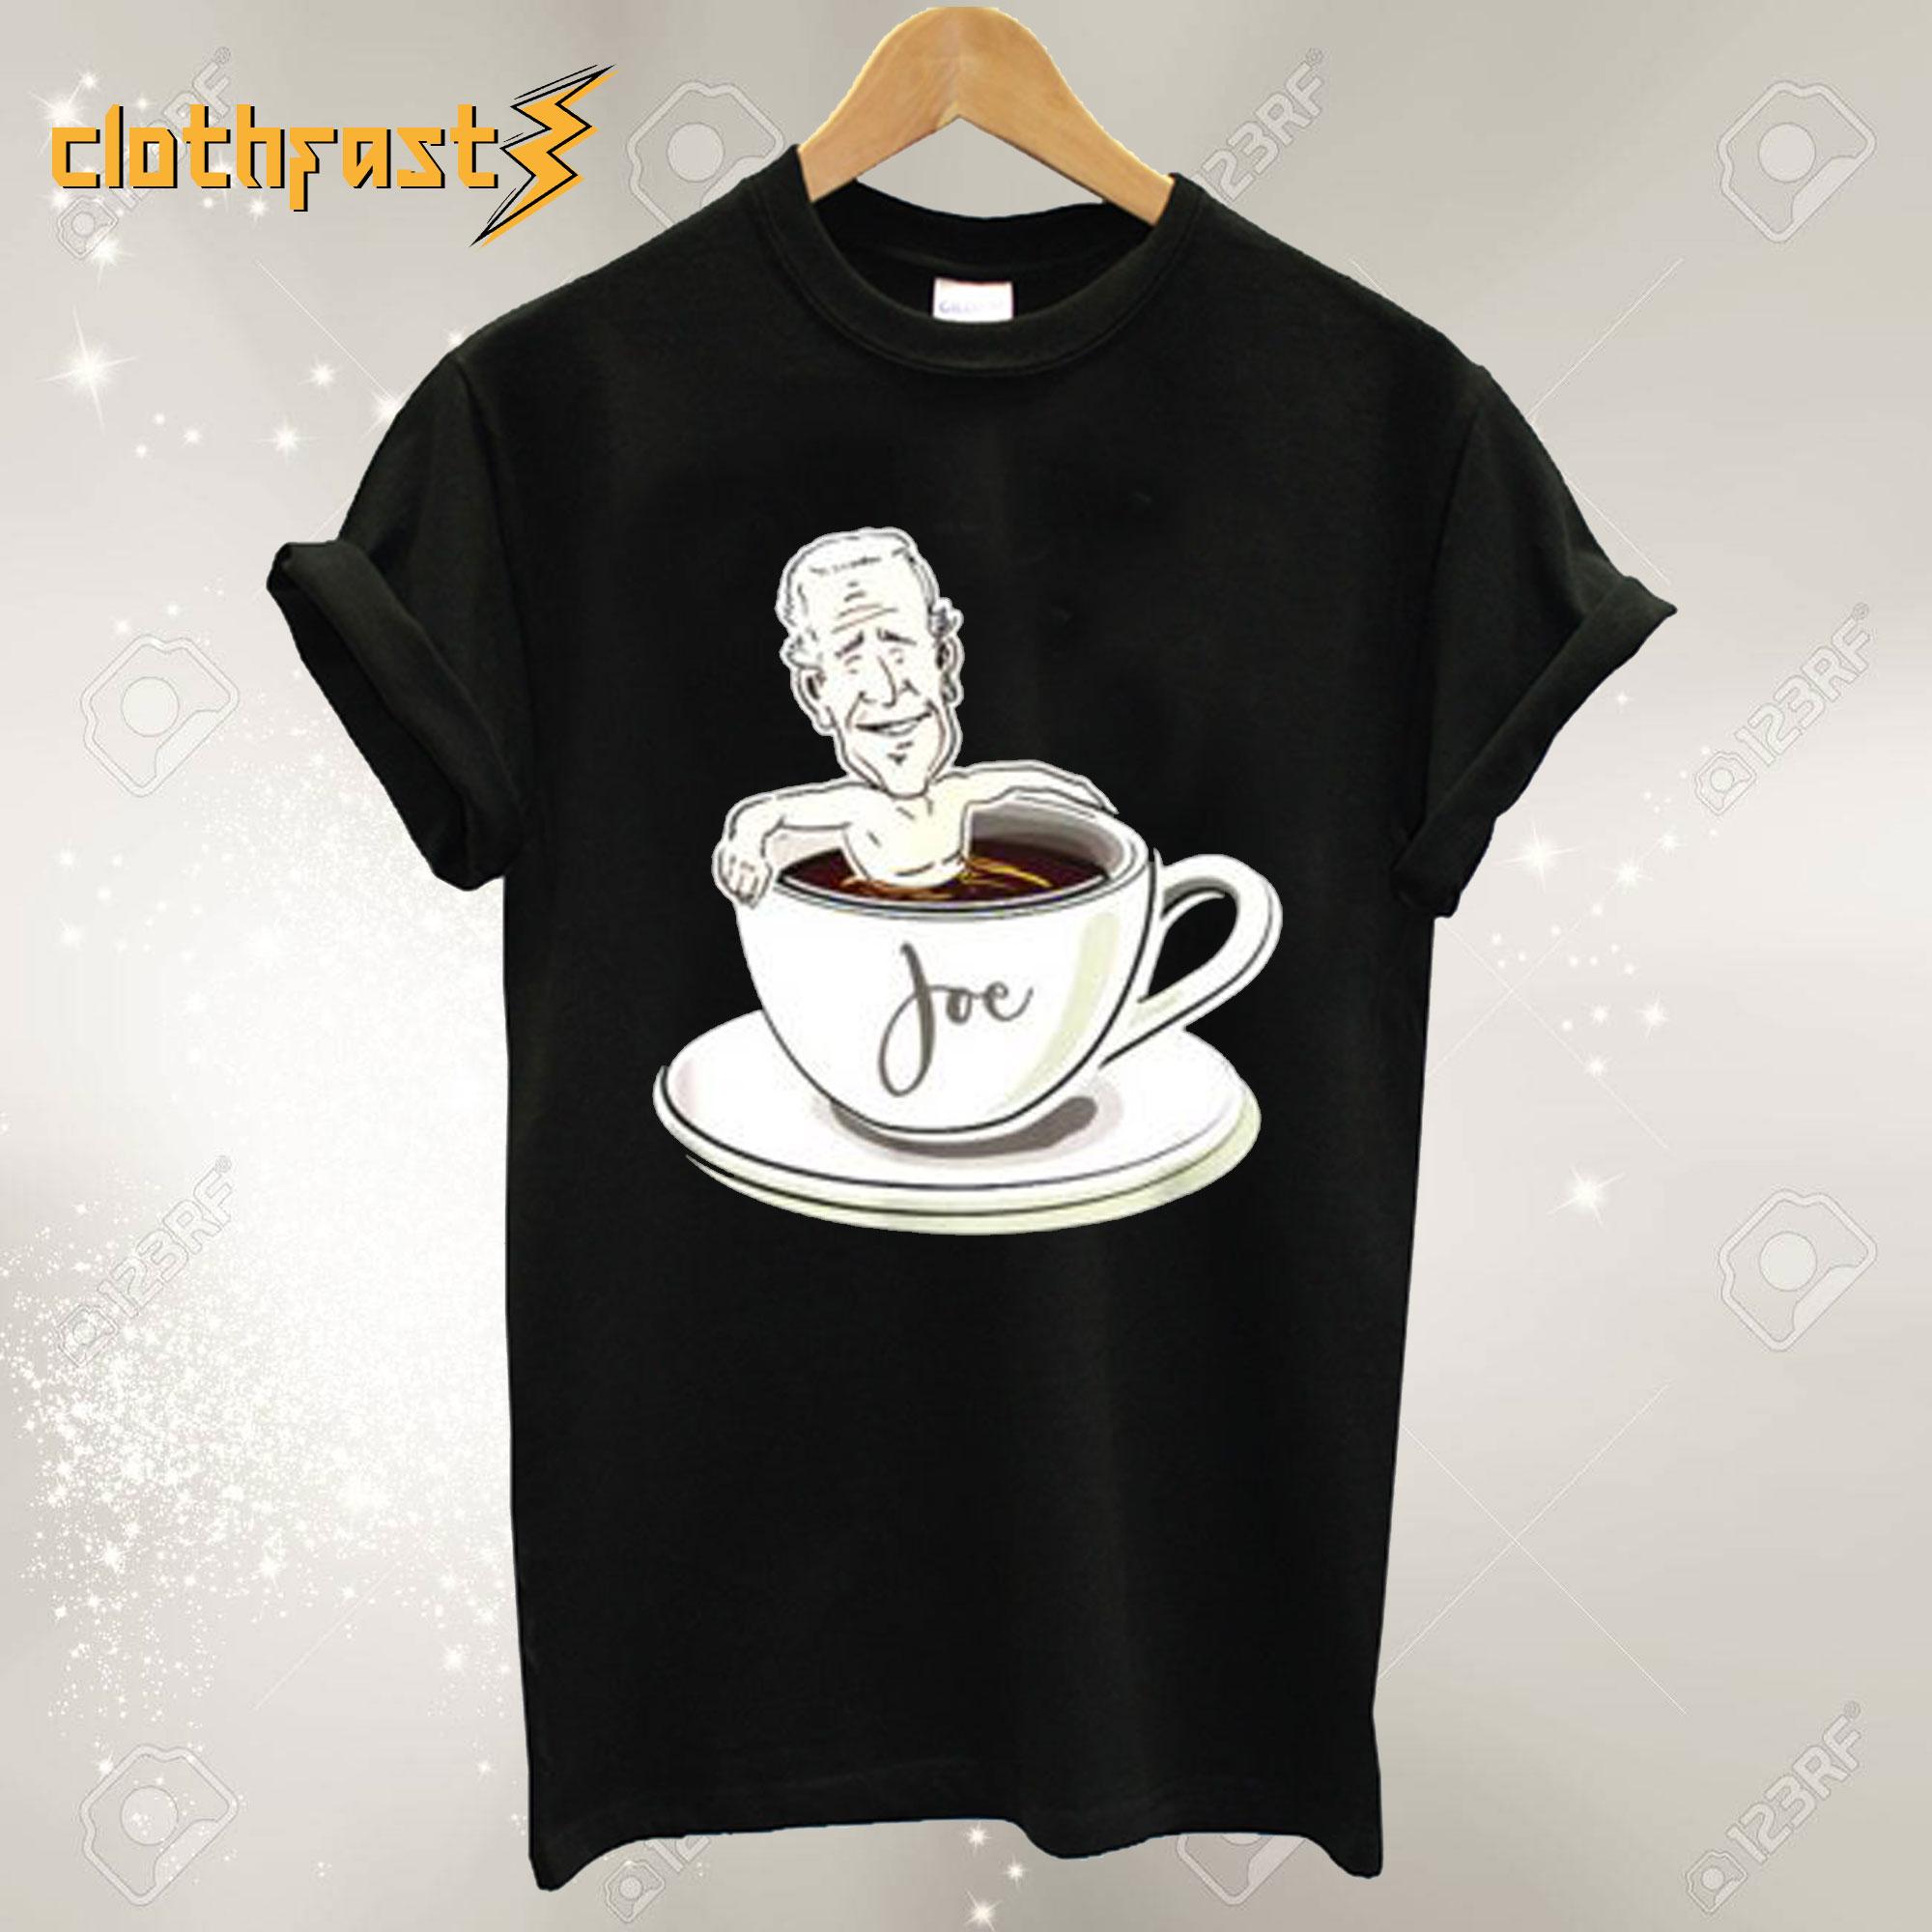 Cup Of Joe Biden T shirt